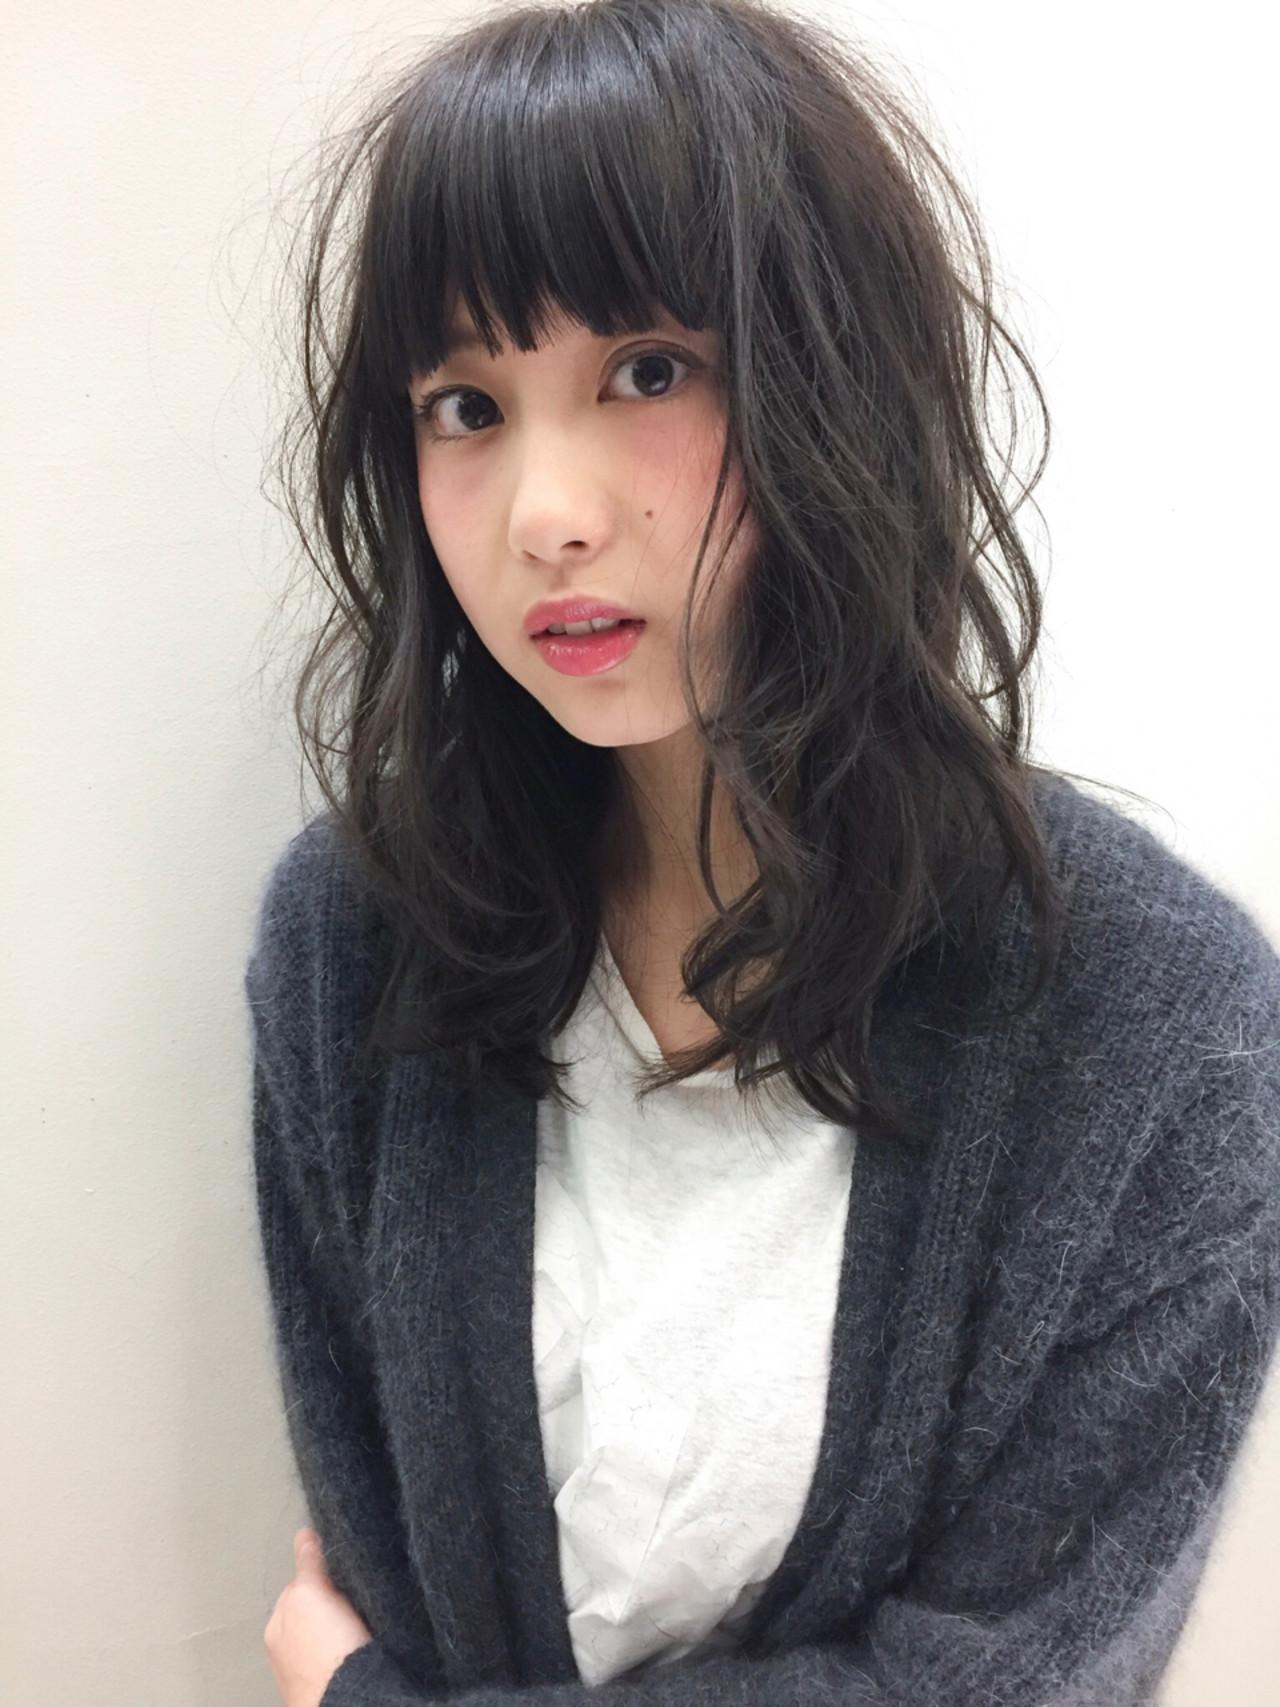 アゴ周りのボリュームがシャープさを和らげる 吉川 ミチオ  SHIKIO HAIR DESIGN 天神・大名・赤坂・警固